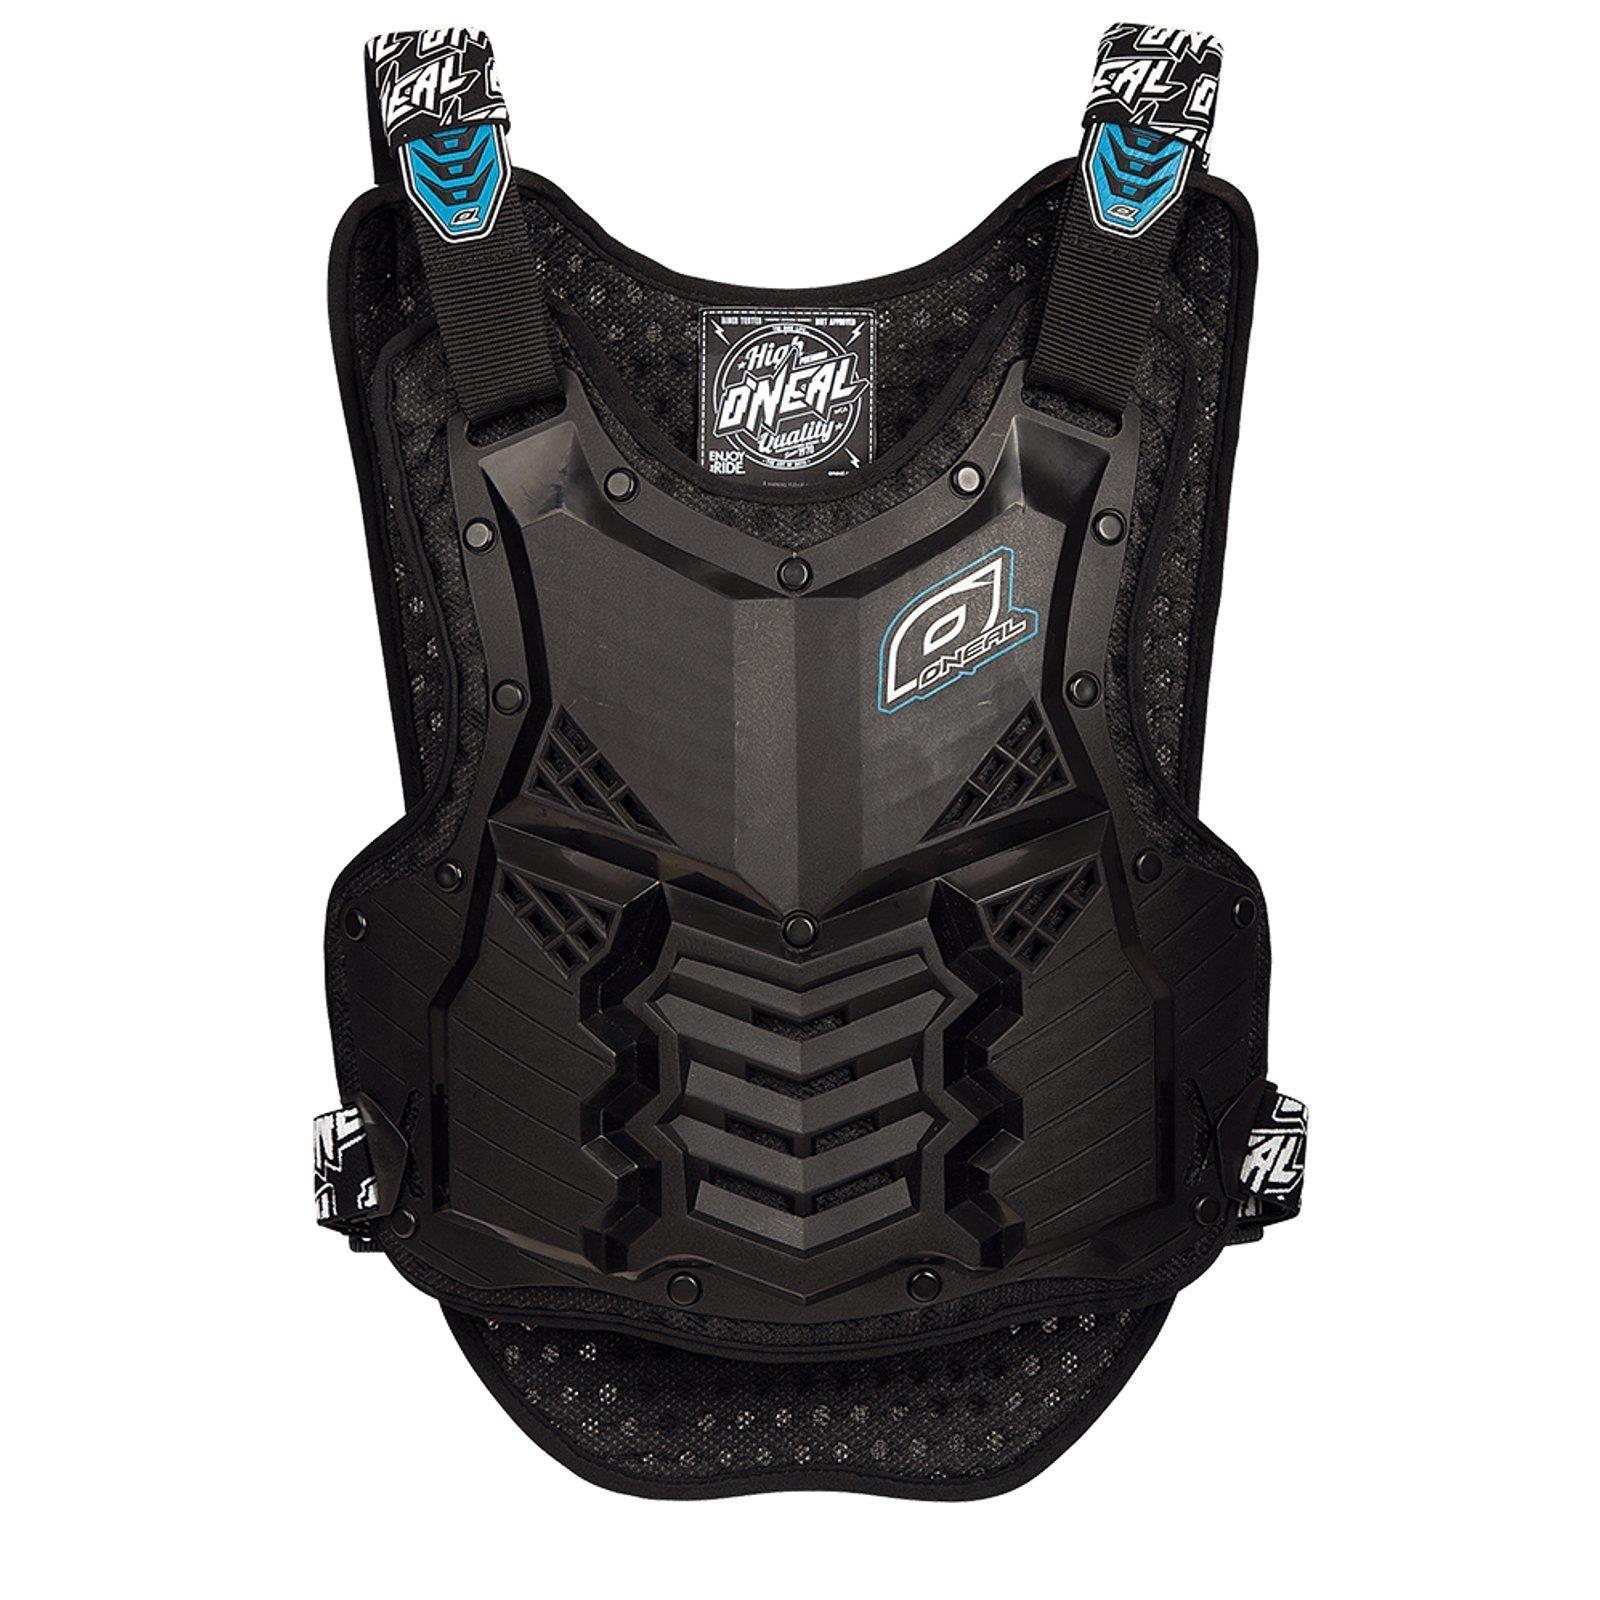 Oneal-protectores-chaqueta-pecho-tanques-chaqueta-moto-cross-FR-DH-proteccion-chaleco-MX-MTB miniatura 23